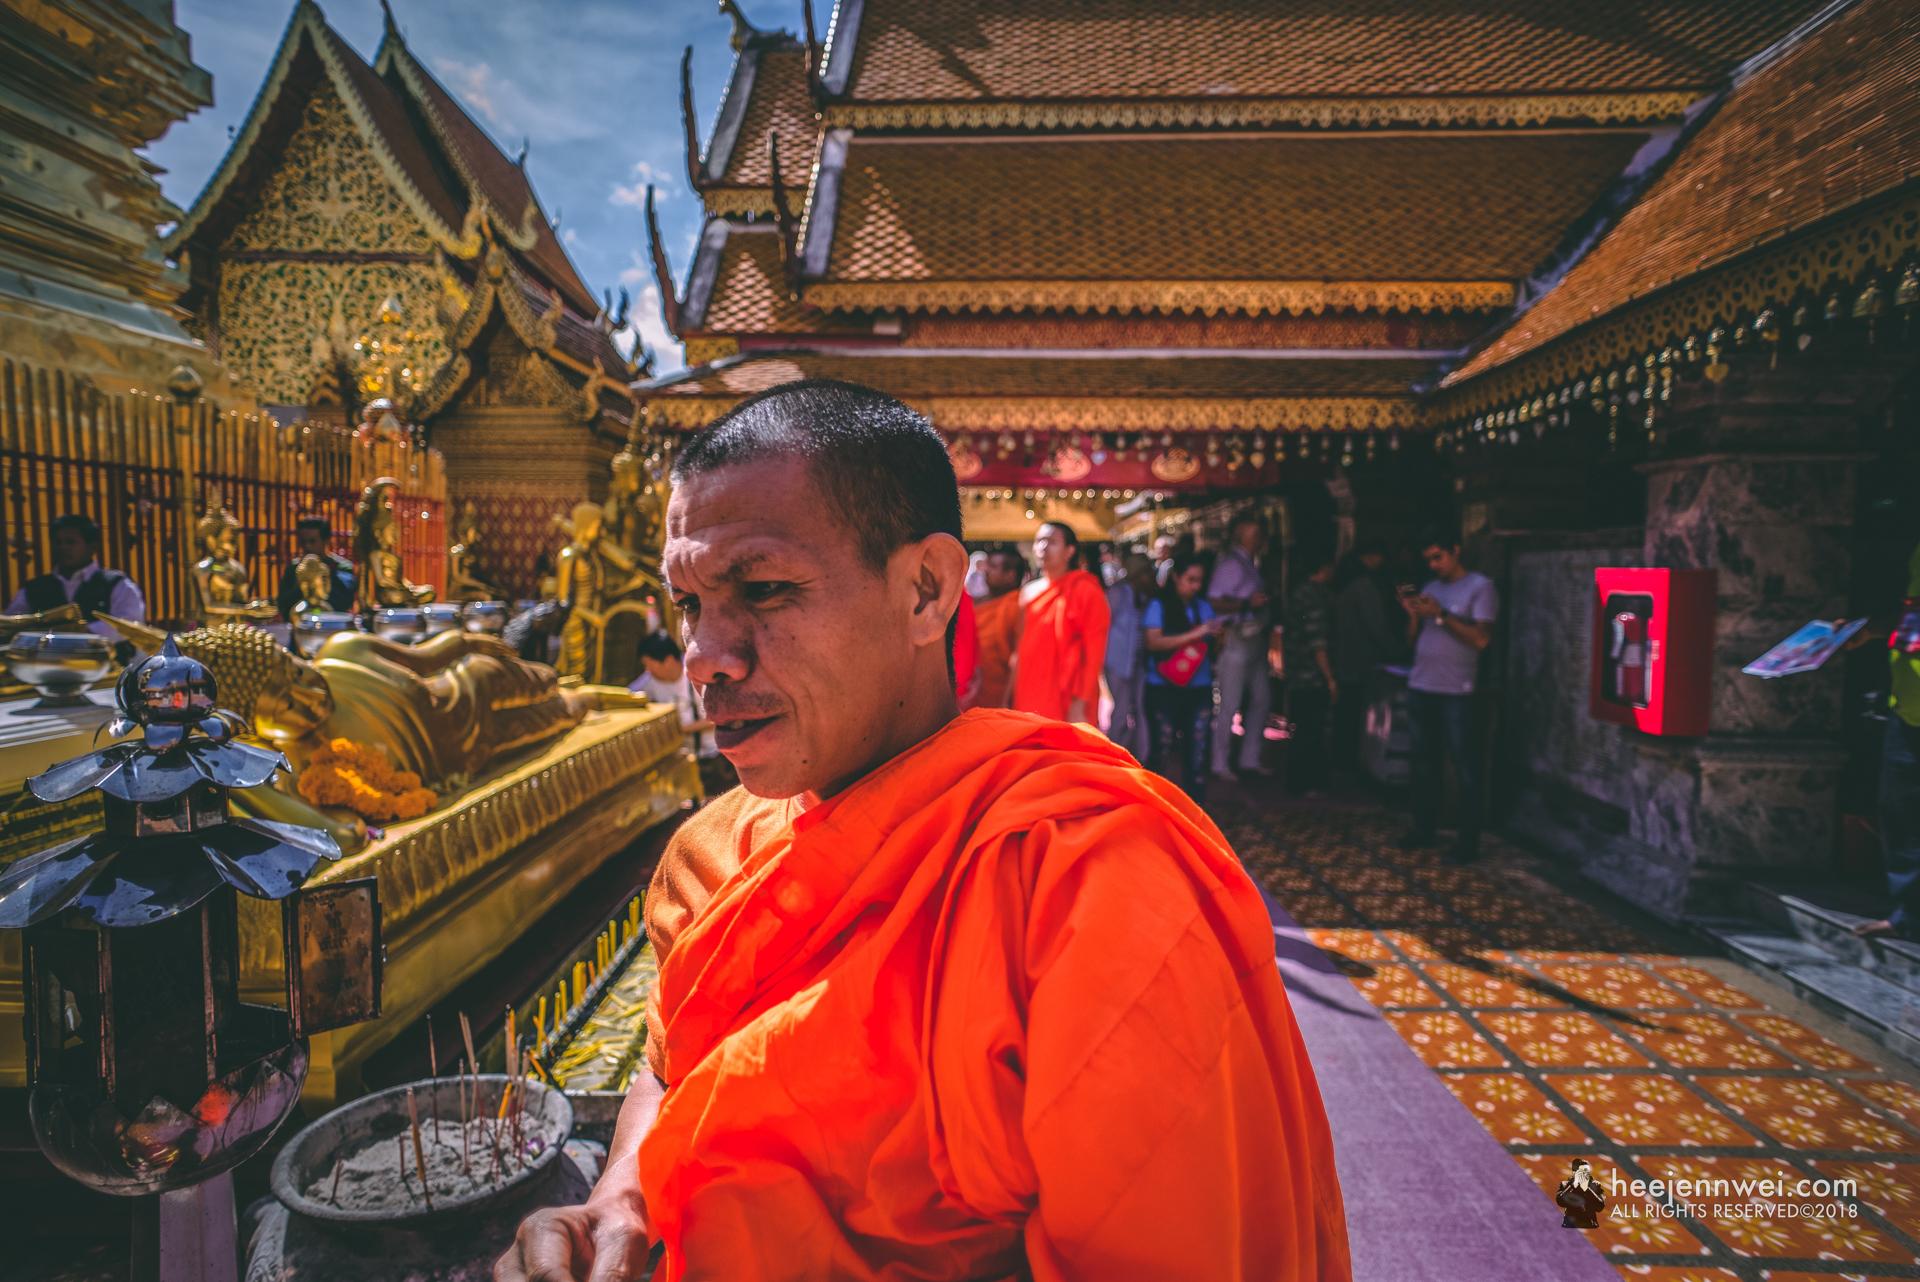 Praying monk at the chedi.